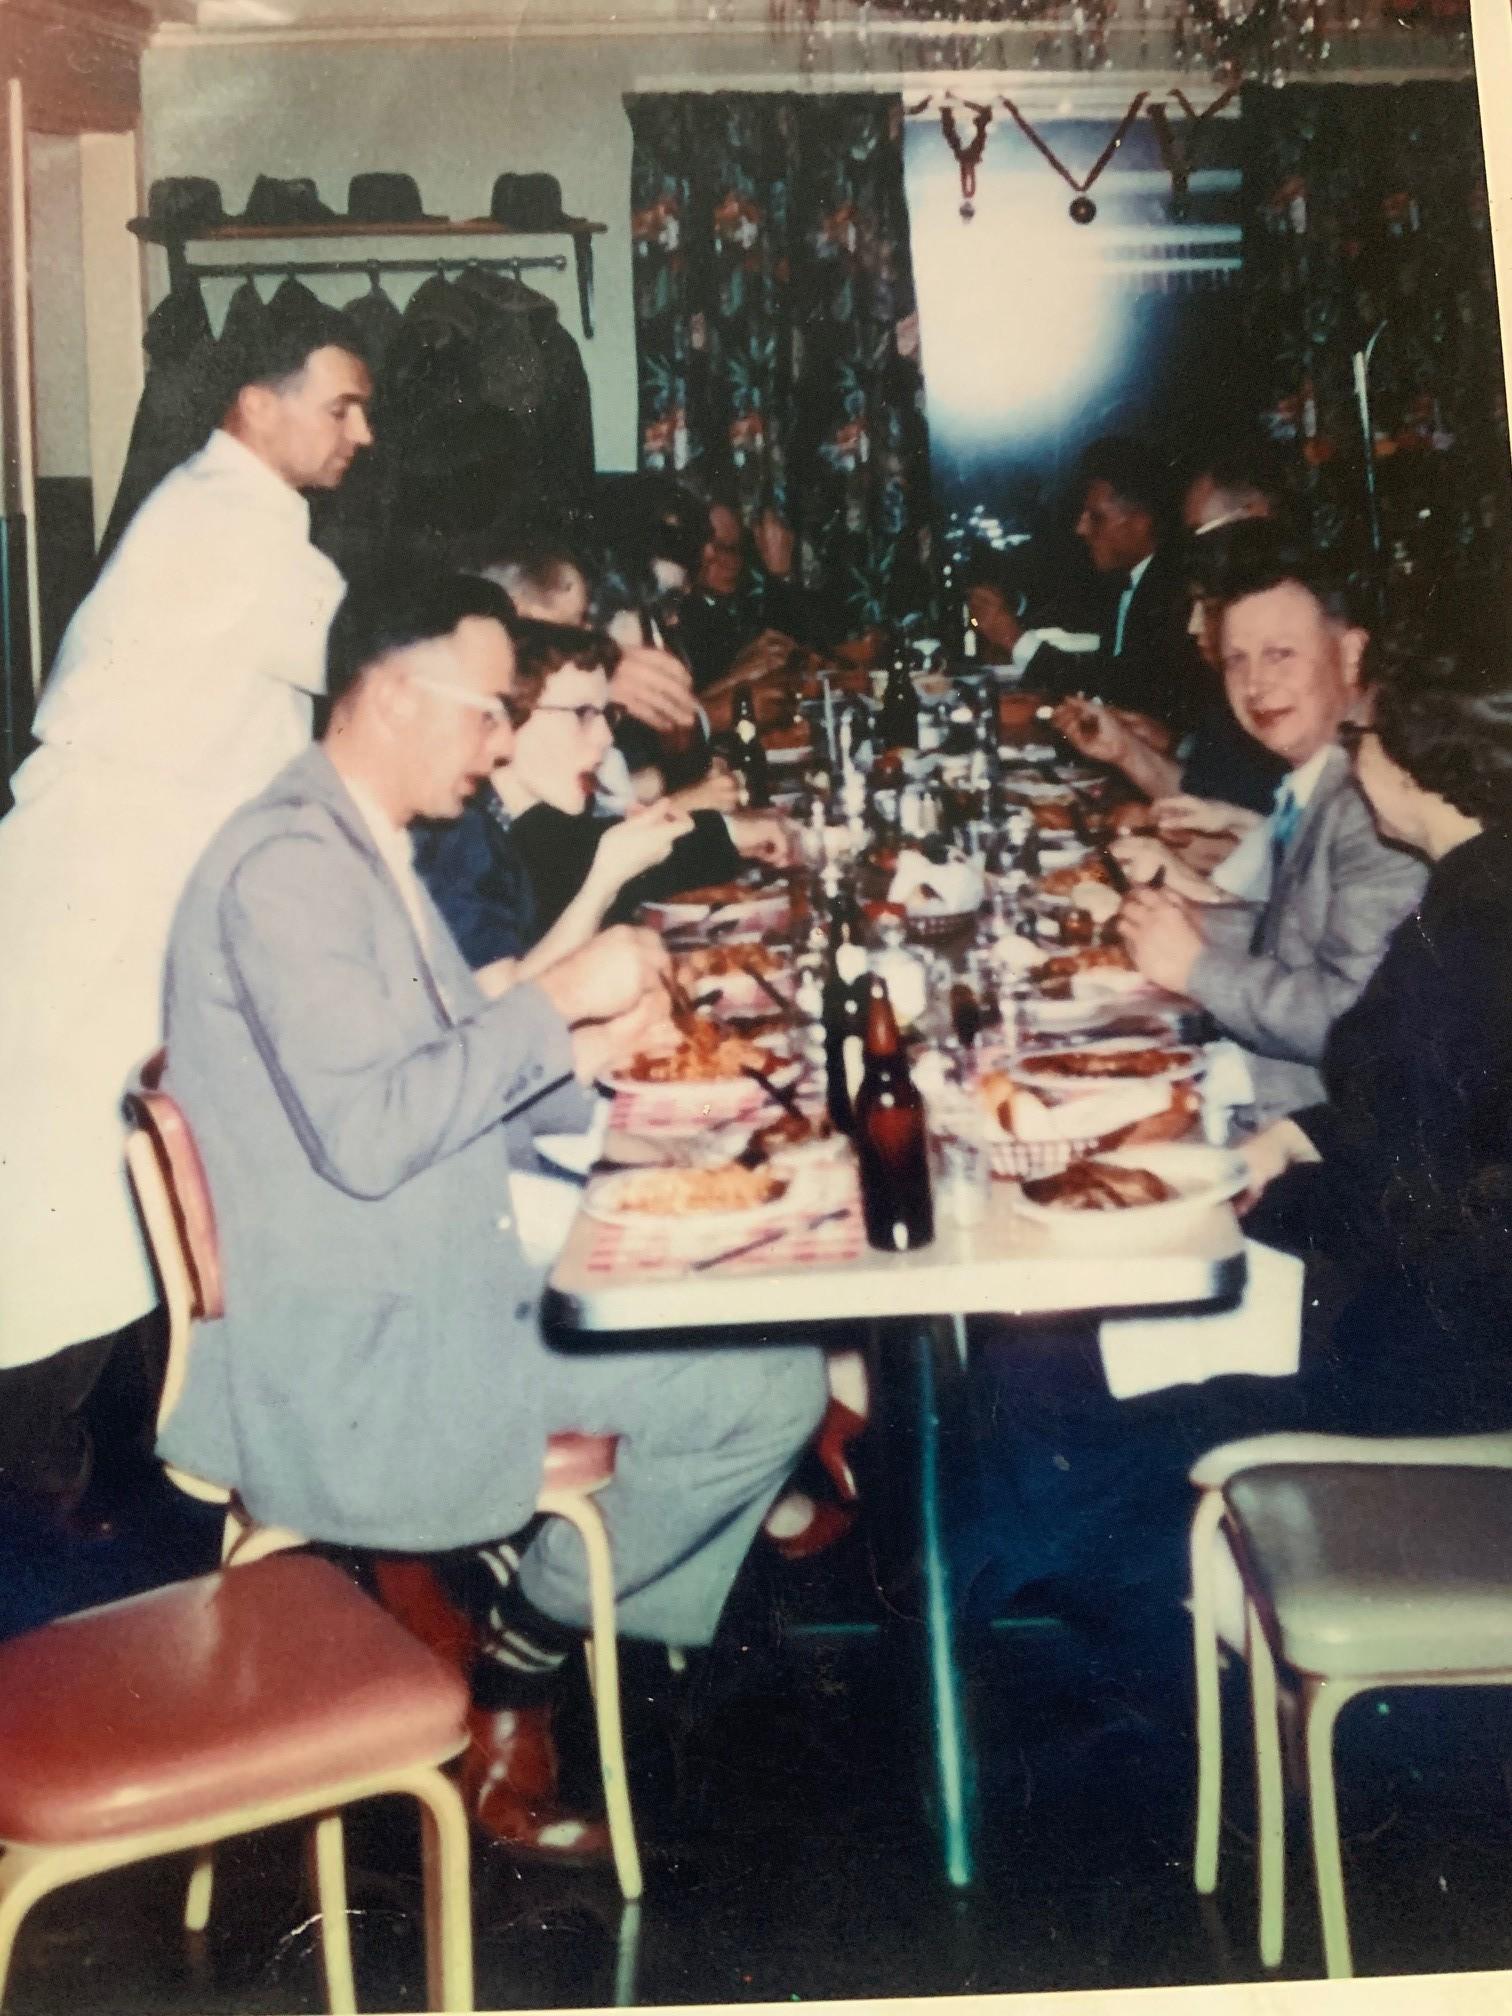 Metro's Restaurant in Owego celebrates 70 years